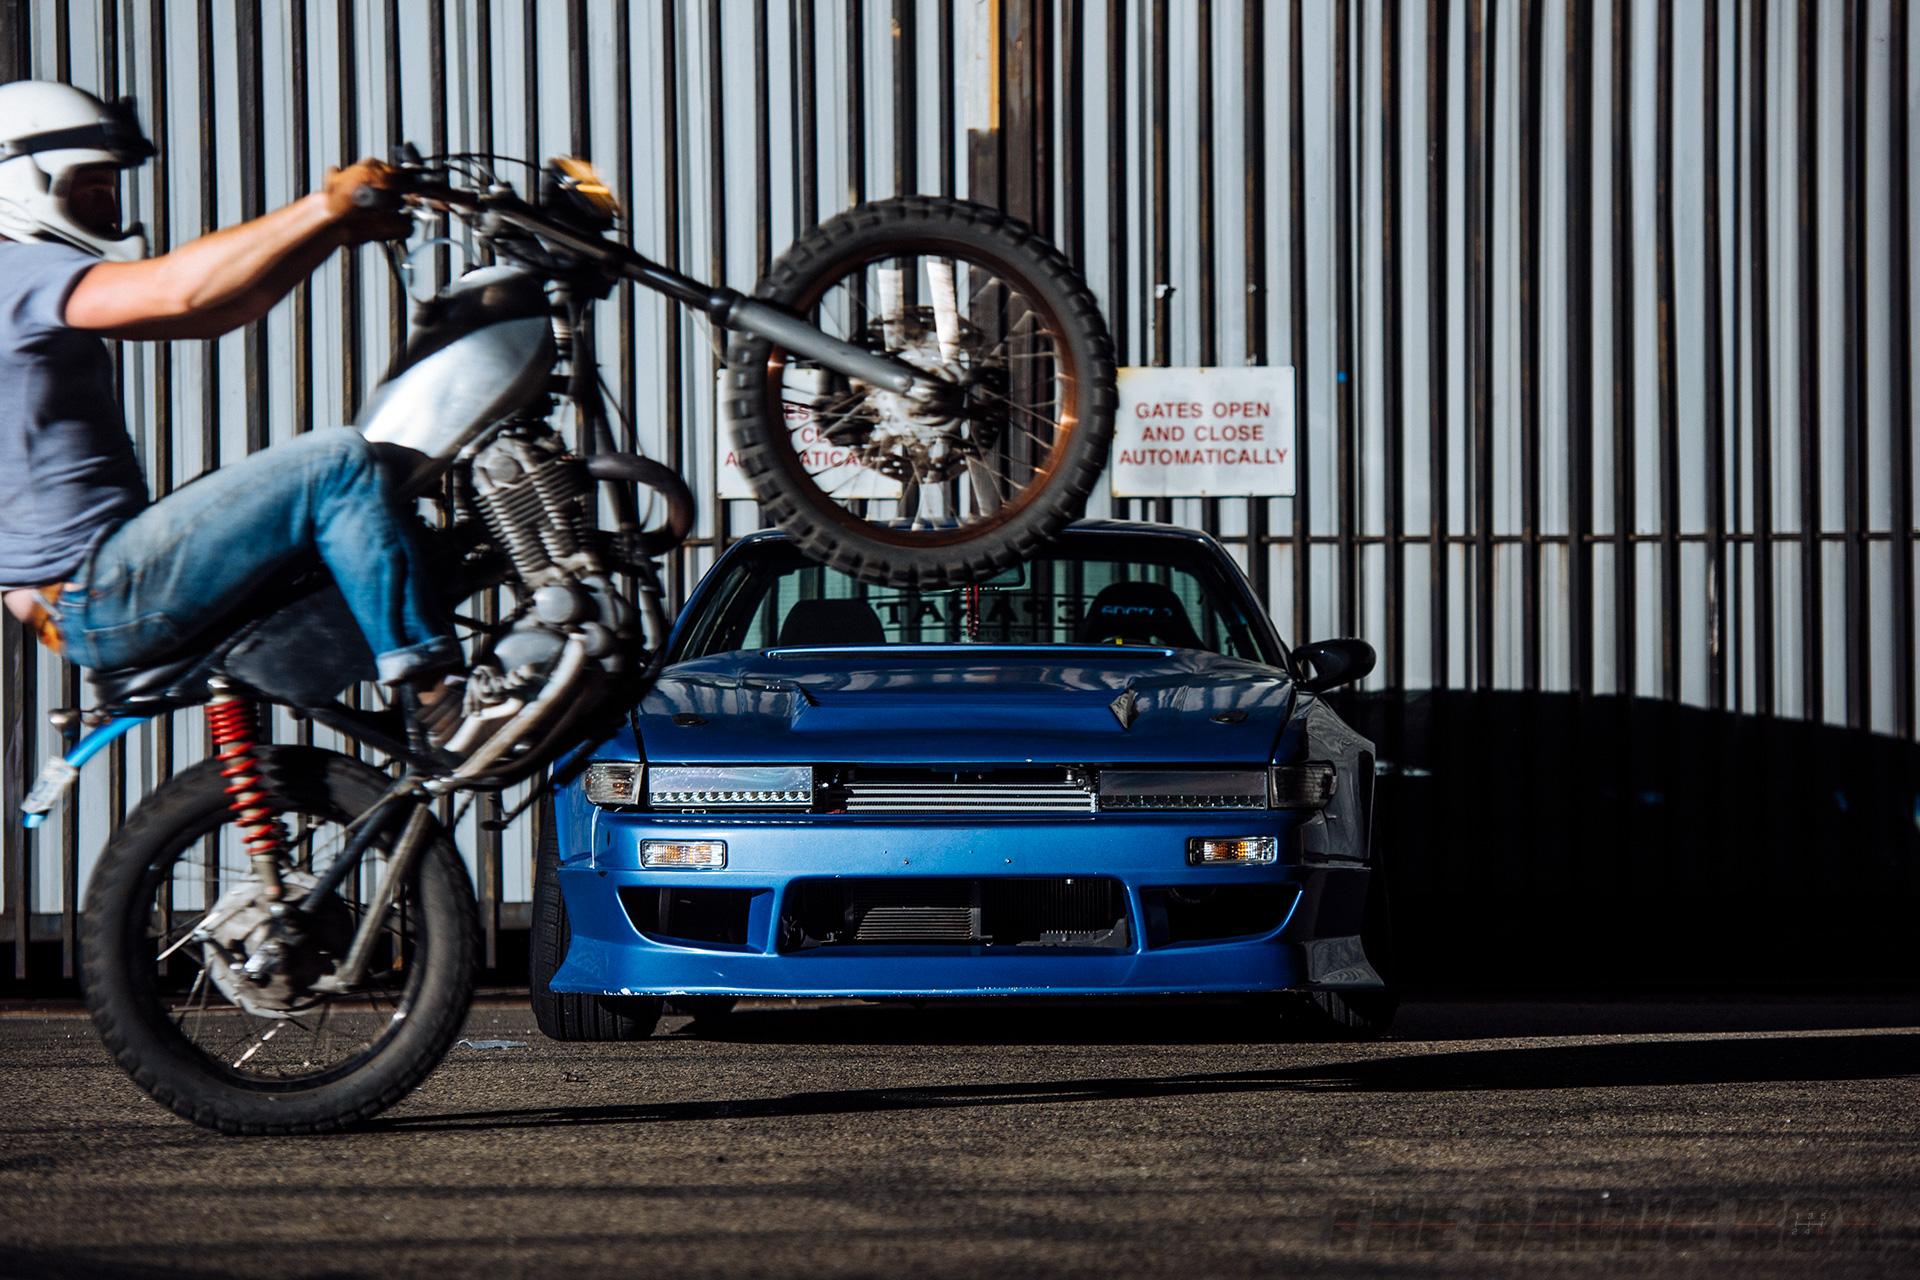 Brian Macias' 1989 Nissan Blue 240SX S13 Coupe, Wheelie